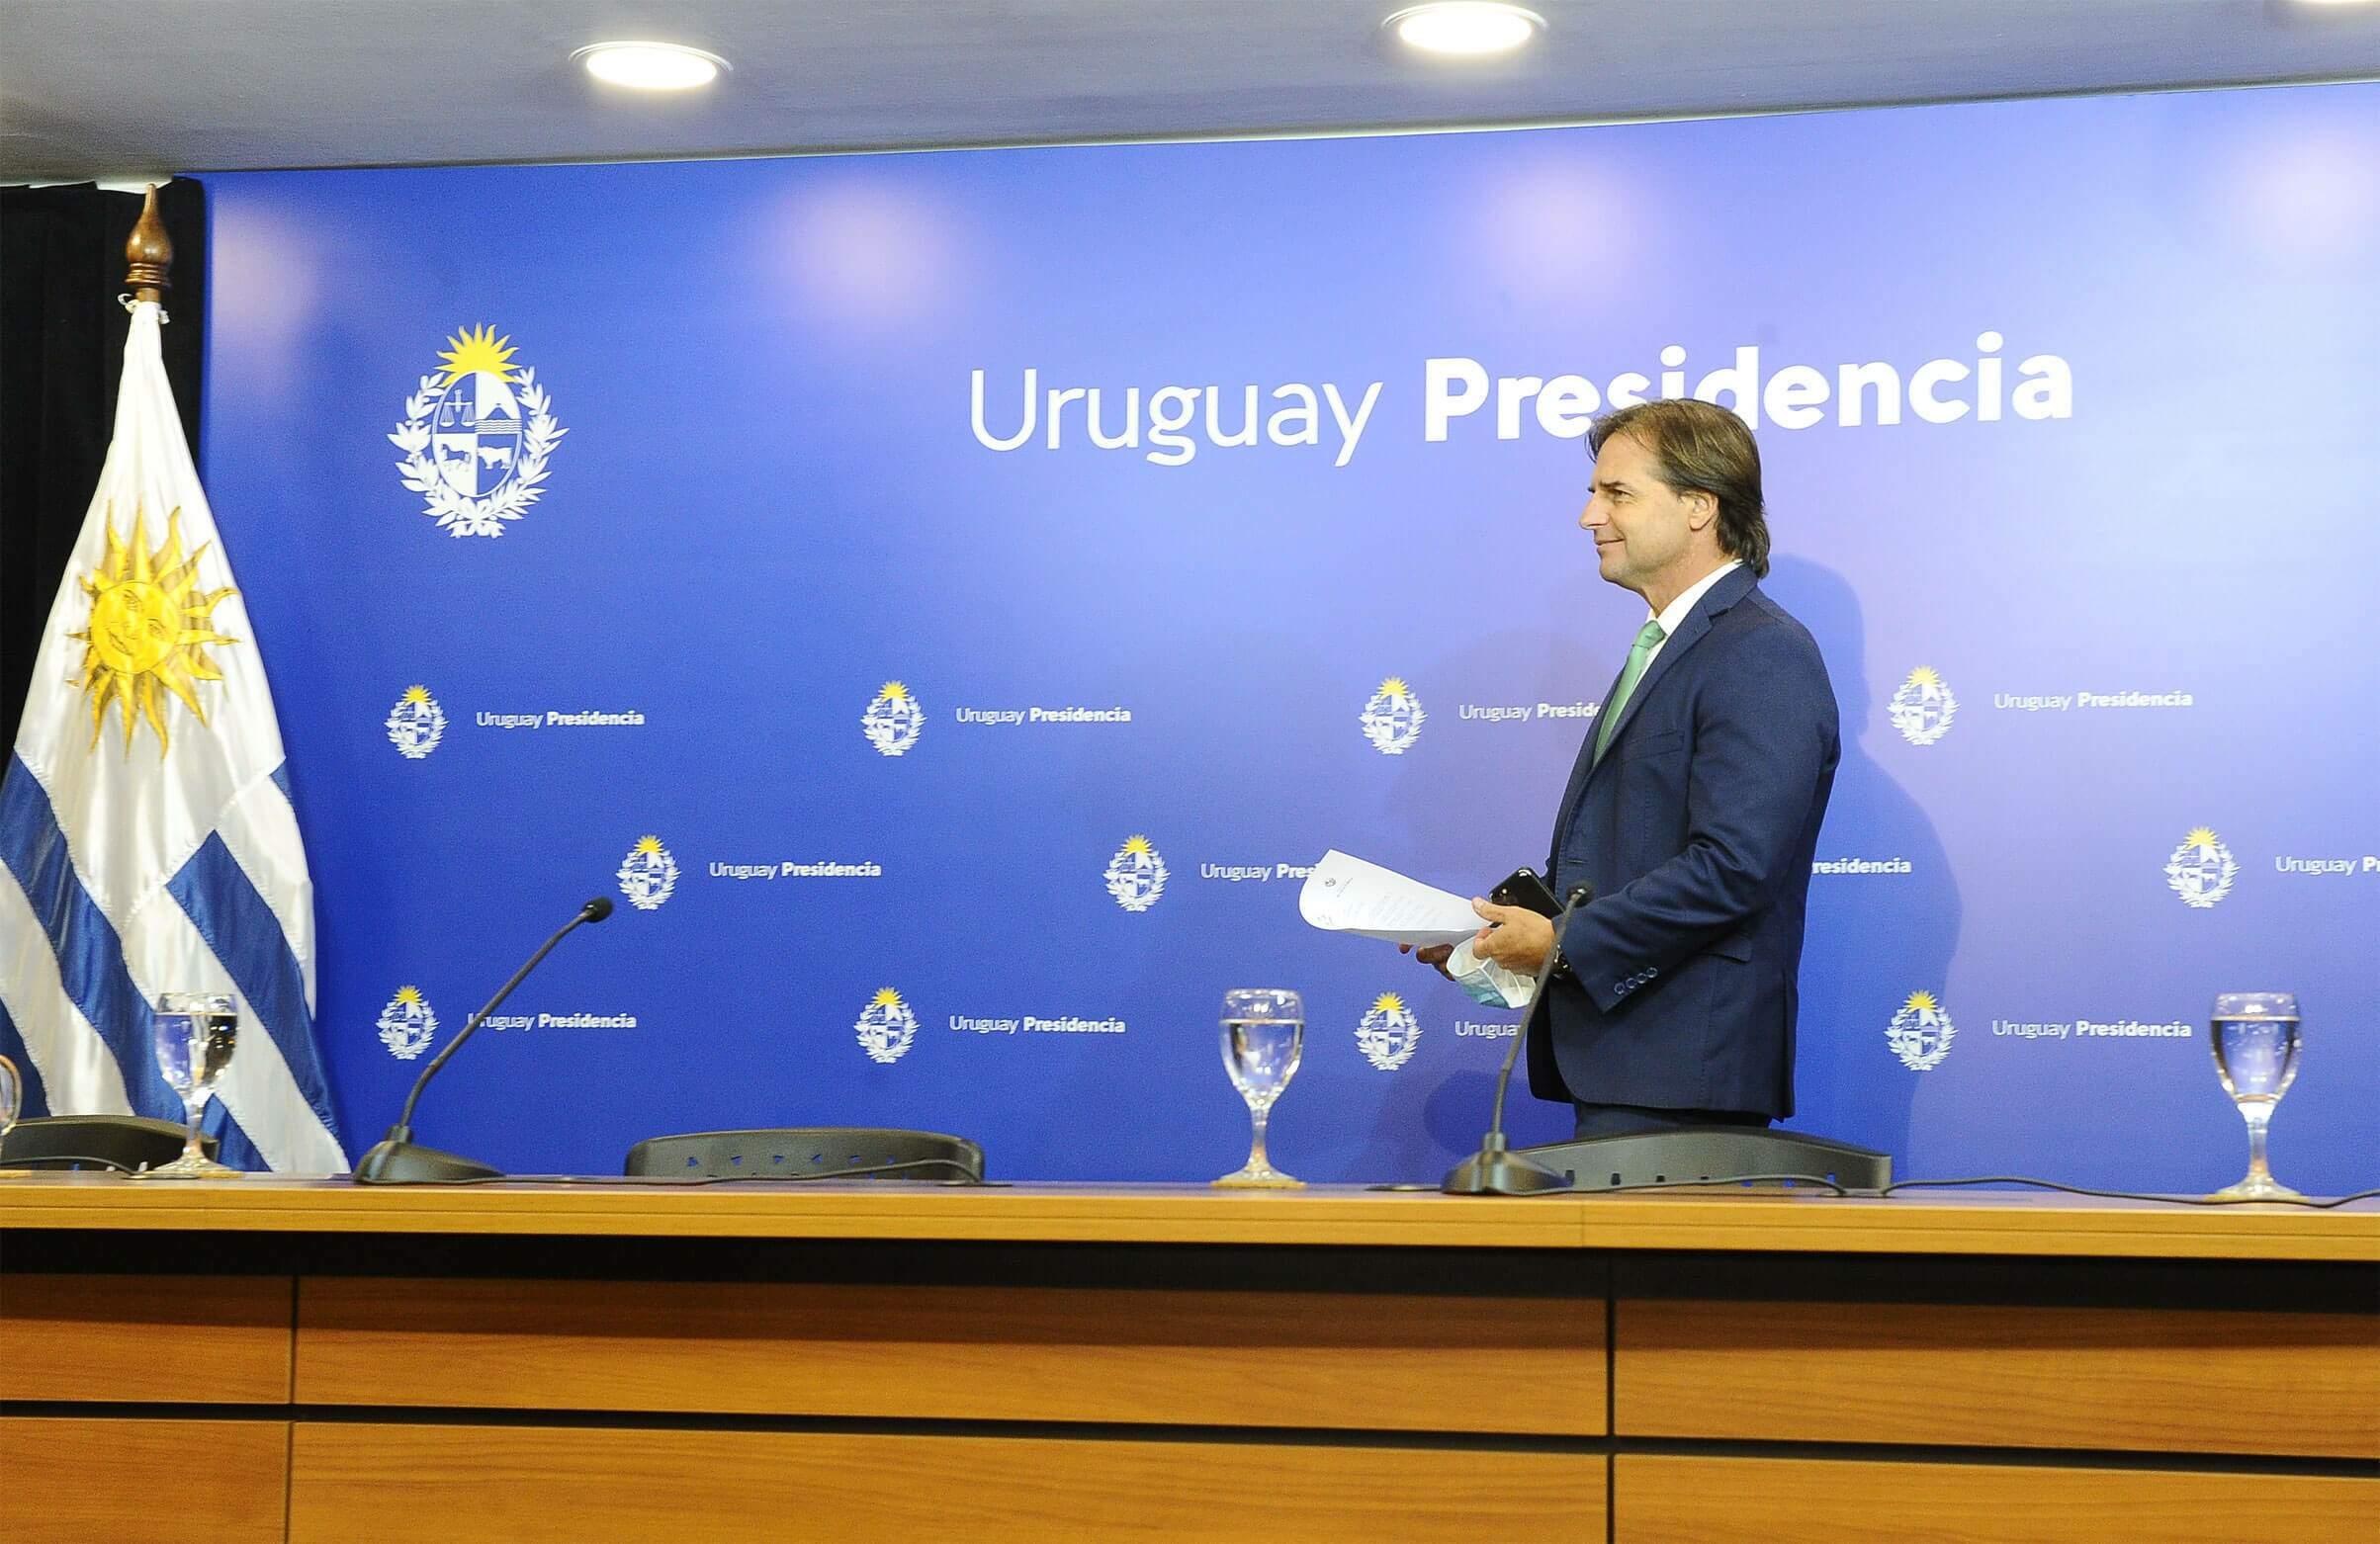 Na imagem, presidente do Uruguai em frente a painel azul em coletiva de imprensa. Conteúdo sobre sistema eleitoral no Uruguai.